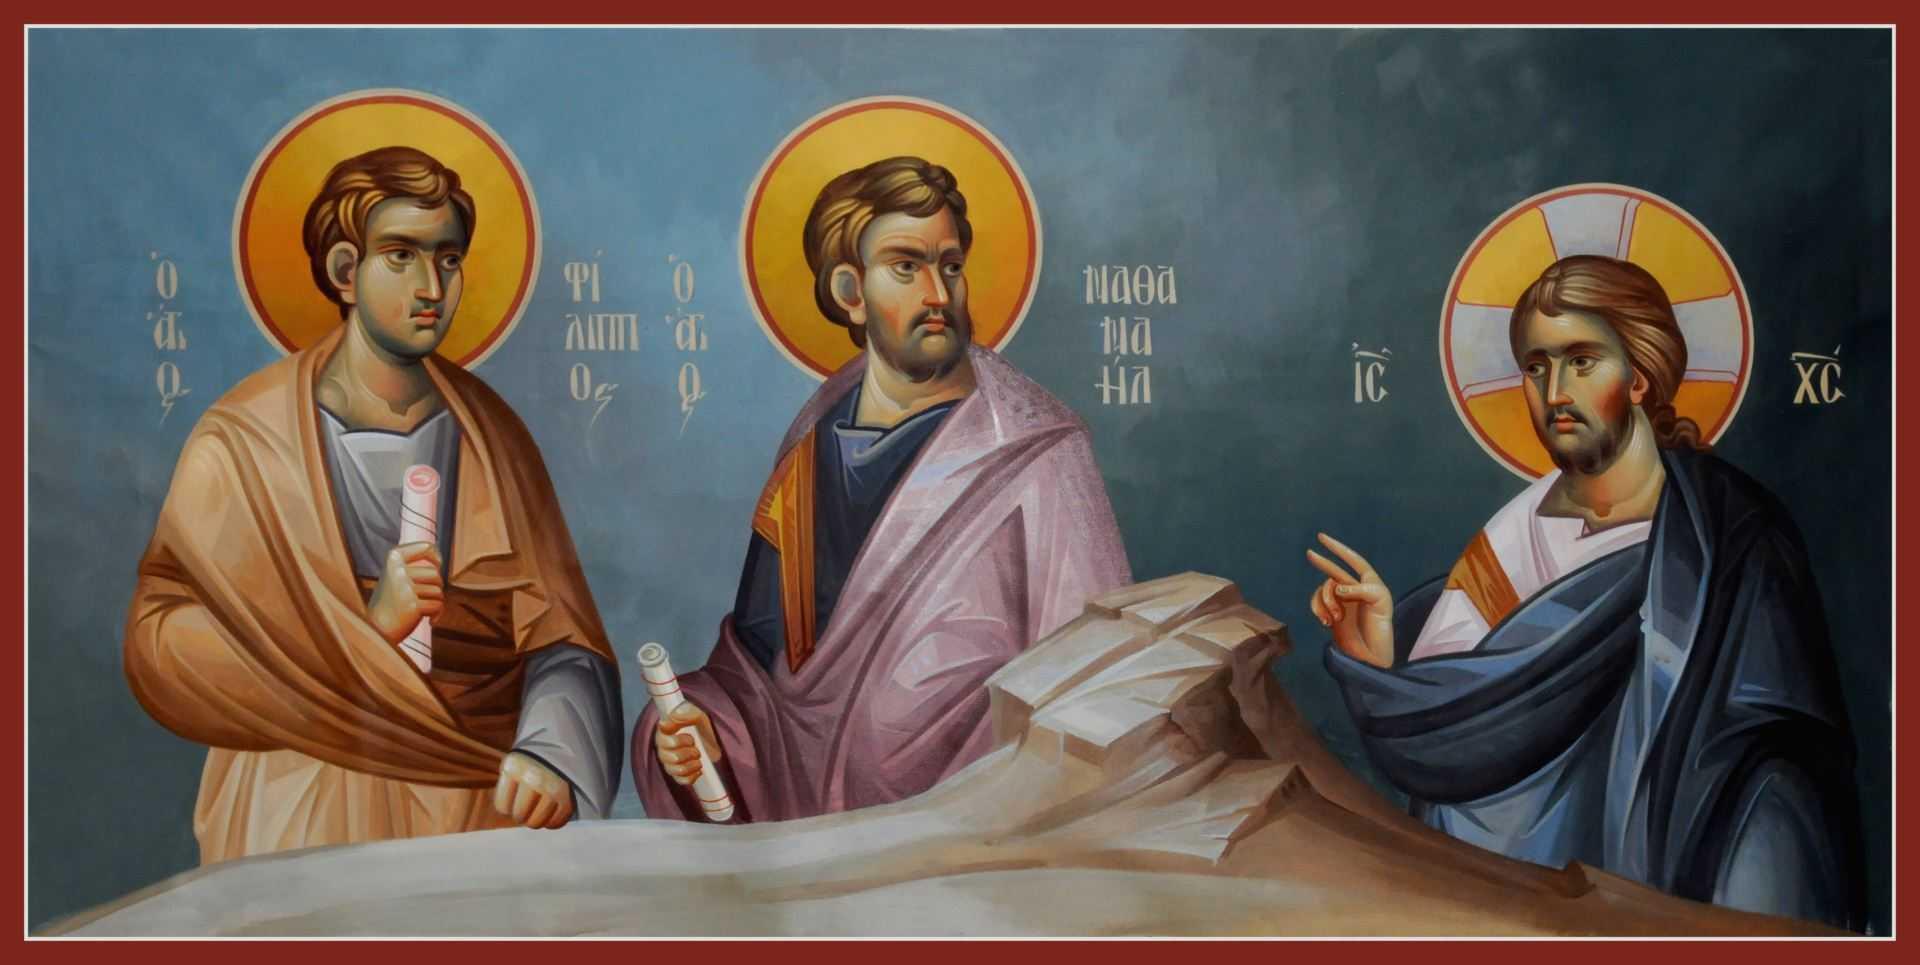 Un mesaj pentru azi: <i>&#8220;VINO SI VEZI!&#8221;</i>. Convertire si reconvertire continua la Ortodoxie